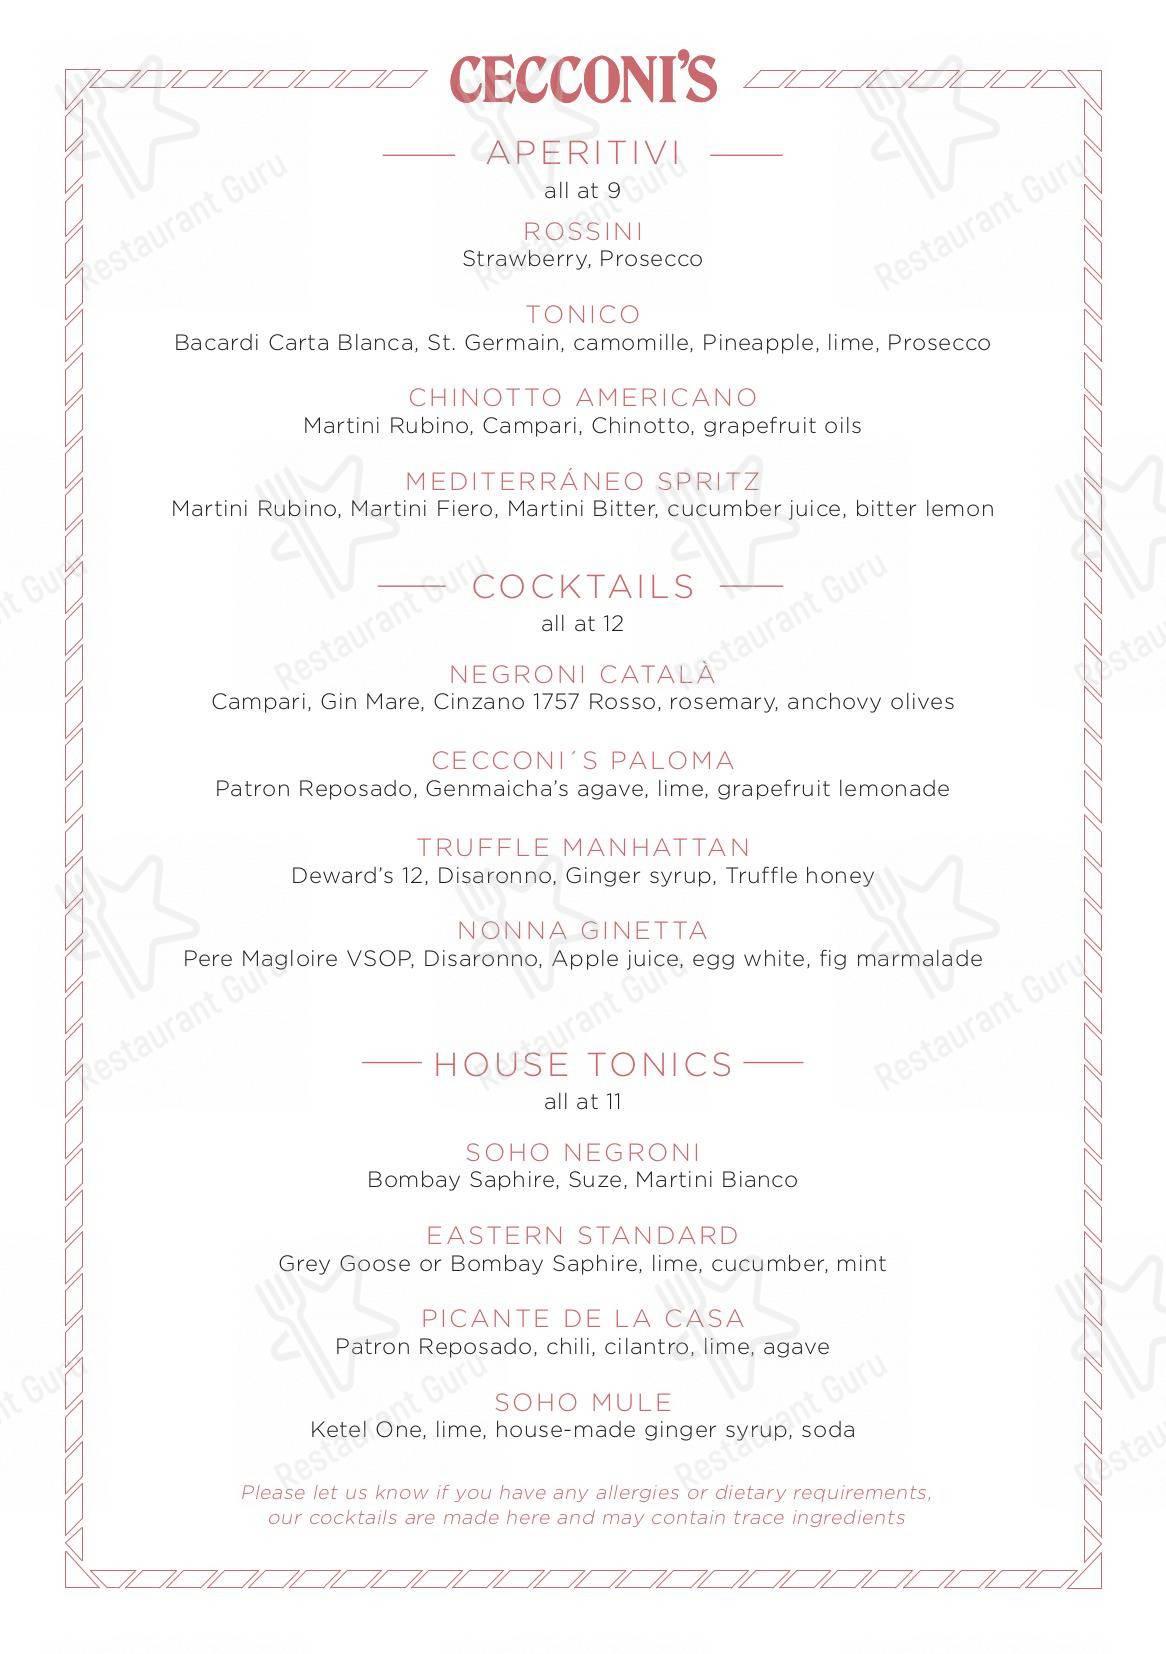 Menu for the Cecconi's Barcelona restaurant